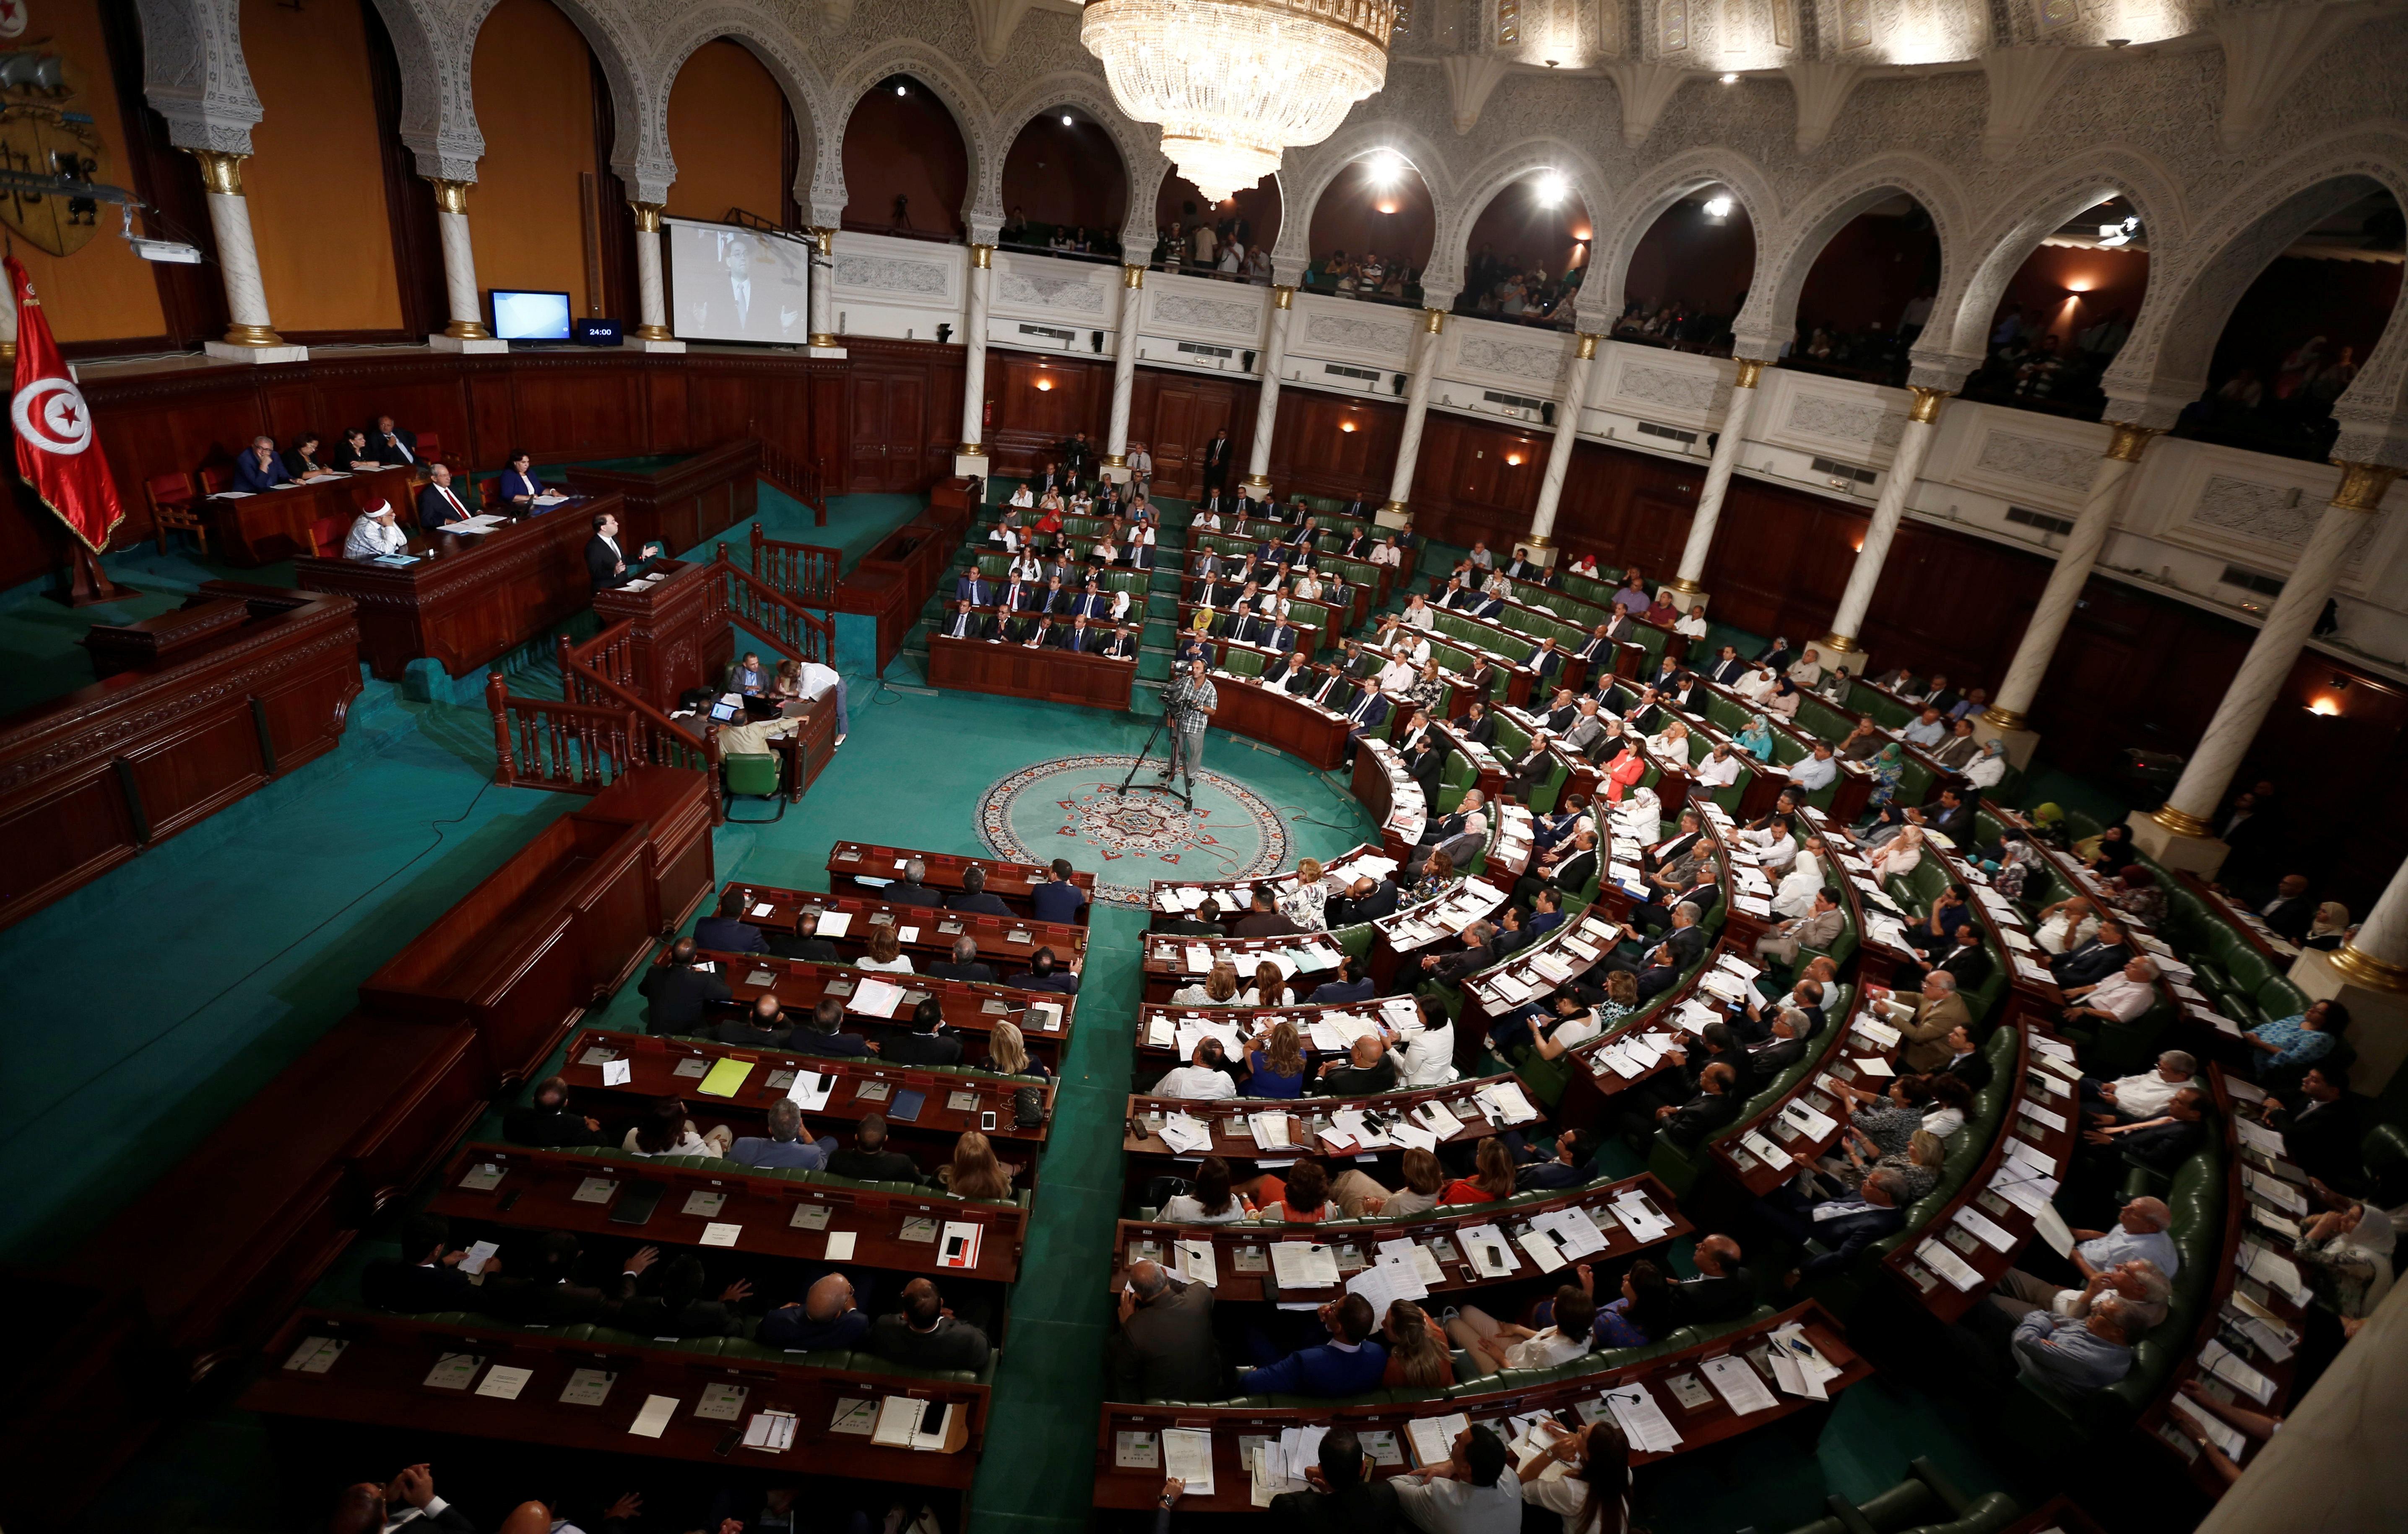 Modifier le nombre de sièges au parlement, est-ce une bonne idée? Des experts